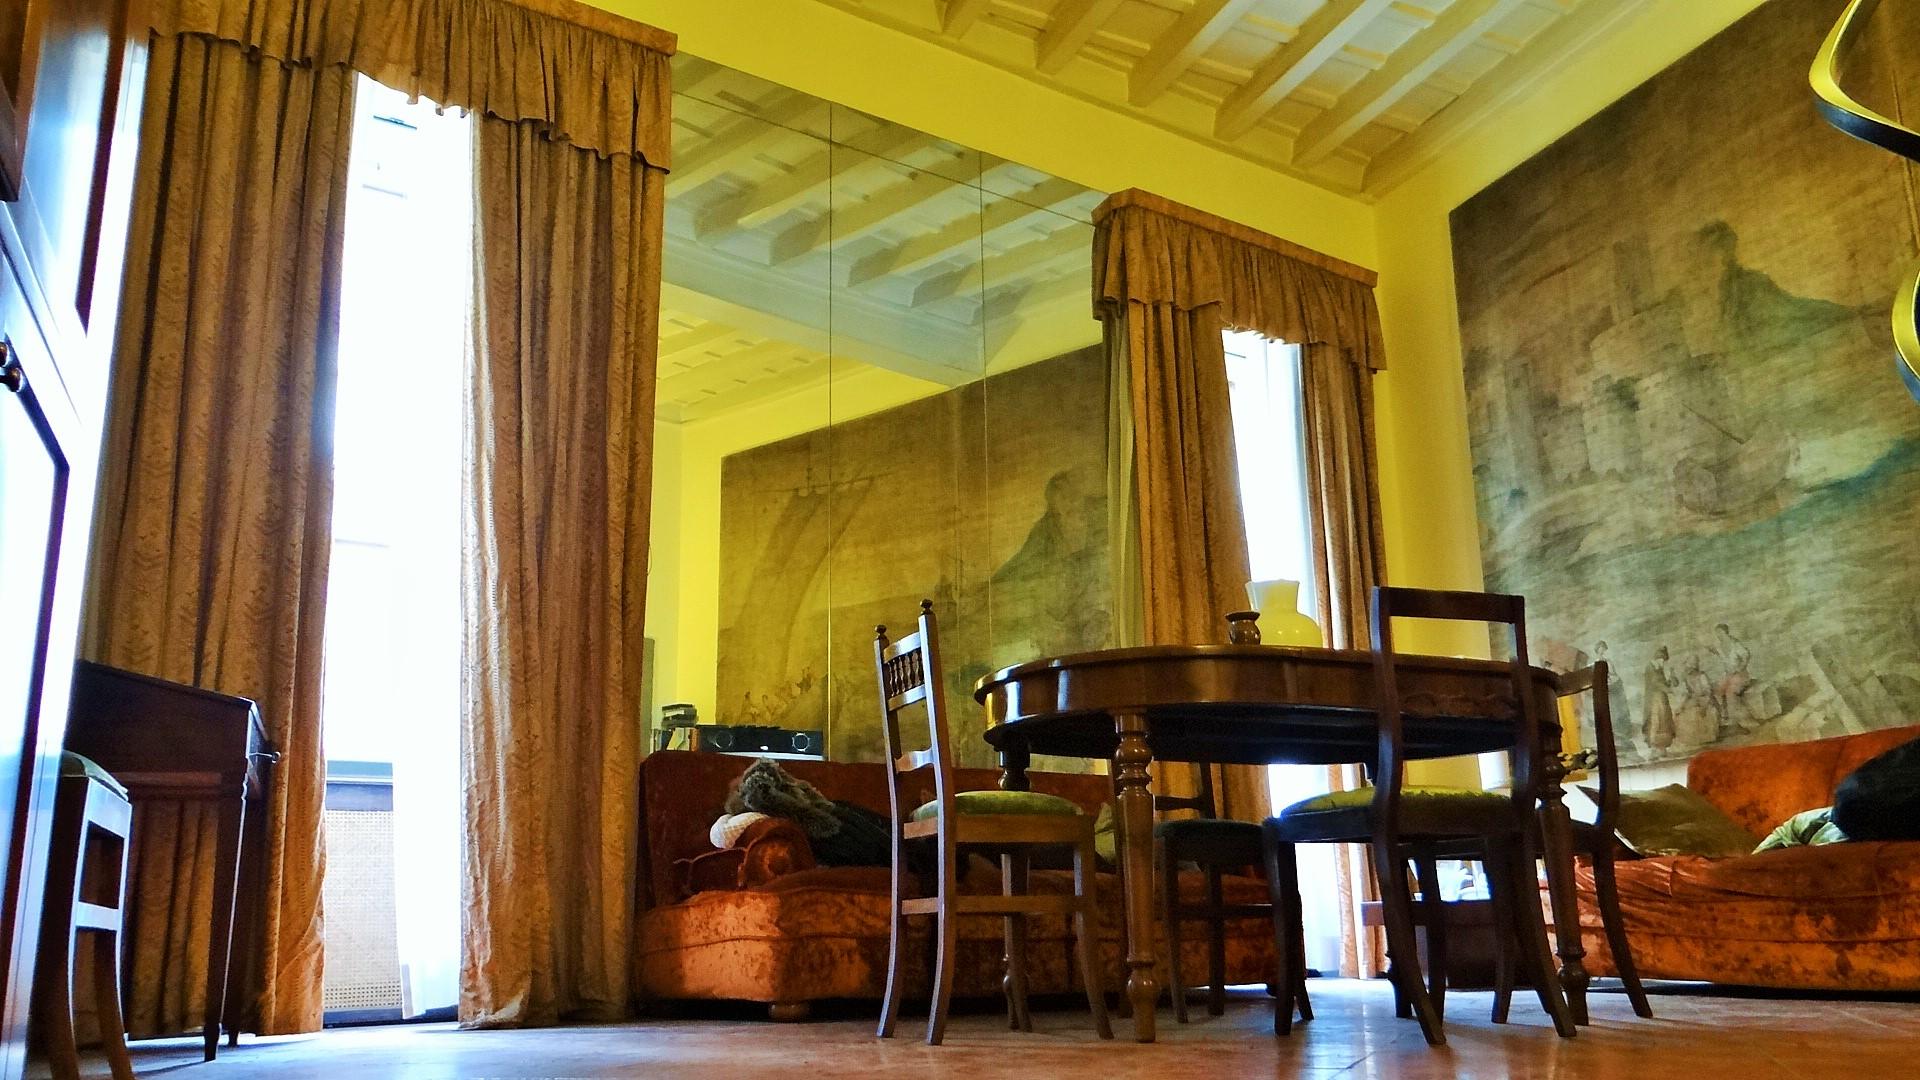 La sala nella quale erompe la luce da due ampie finestre che s'affacciano sull'ampia e luminosa via del Babuino. Le due aperture creano una simmetria rinascimentale degli spazi e conferiscono notevole importanza alla stanza